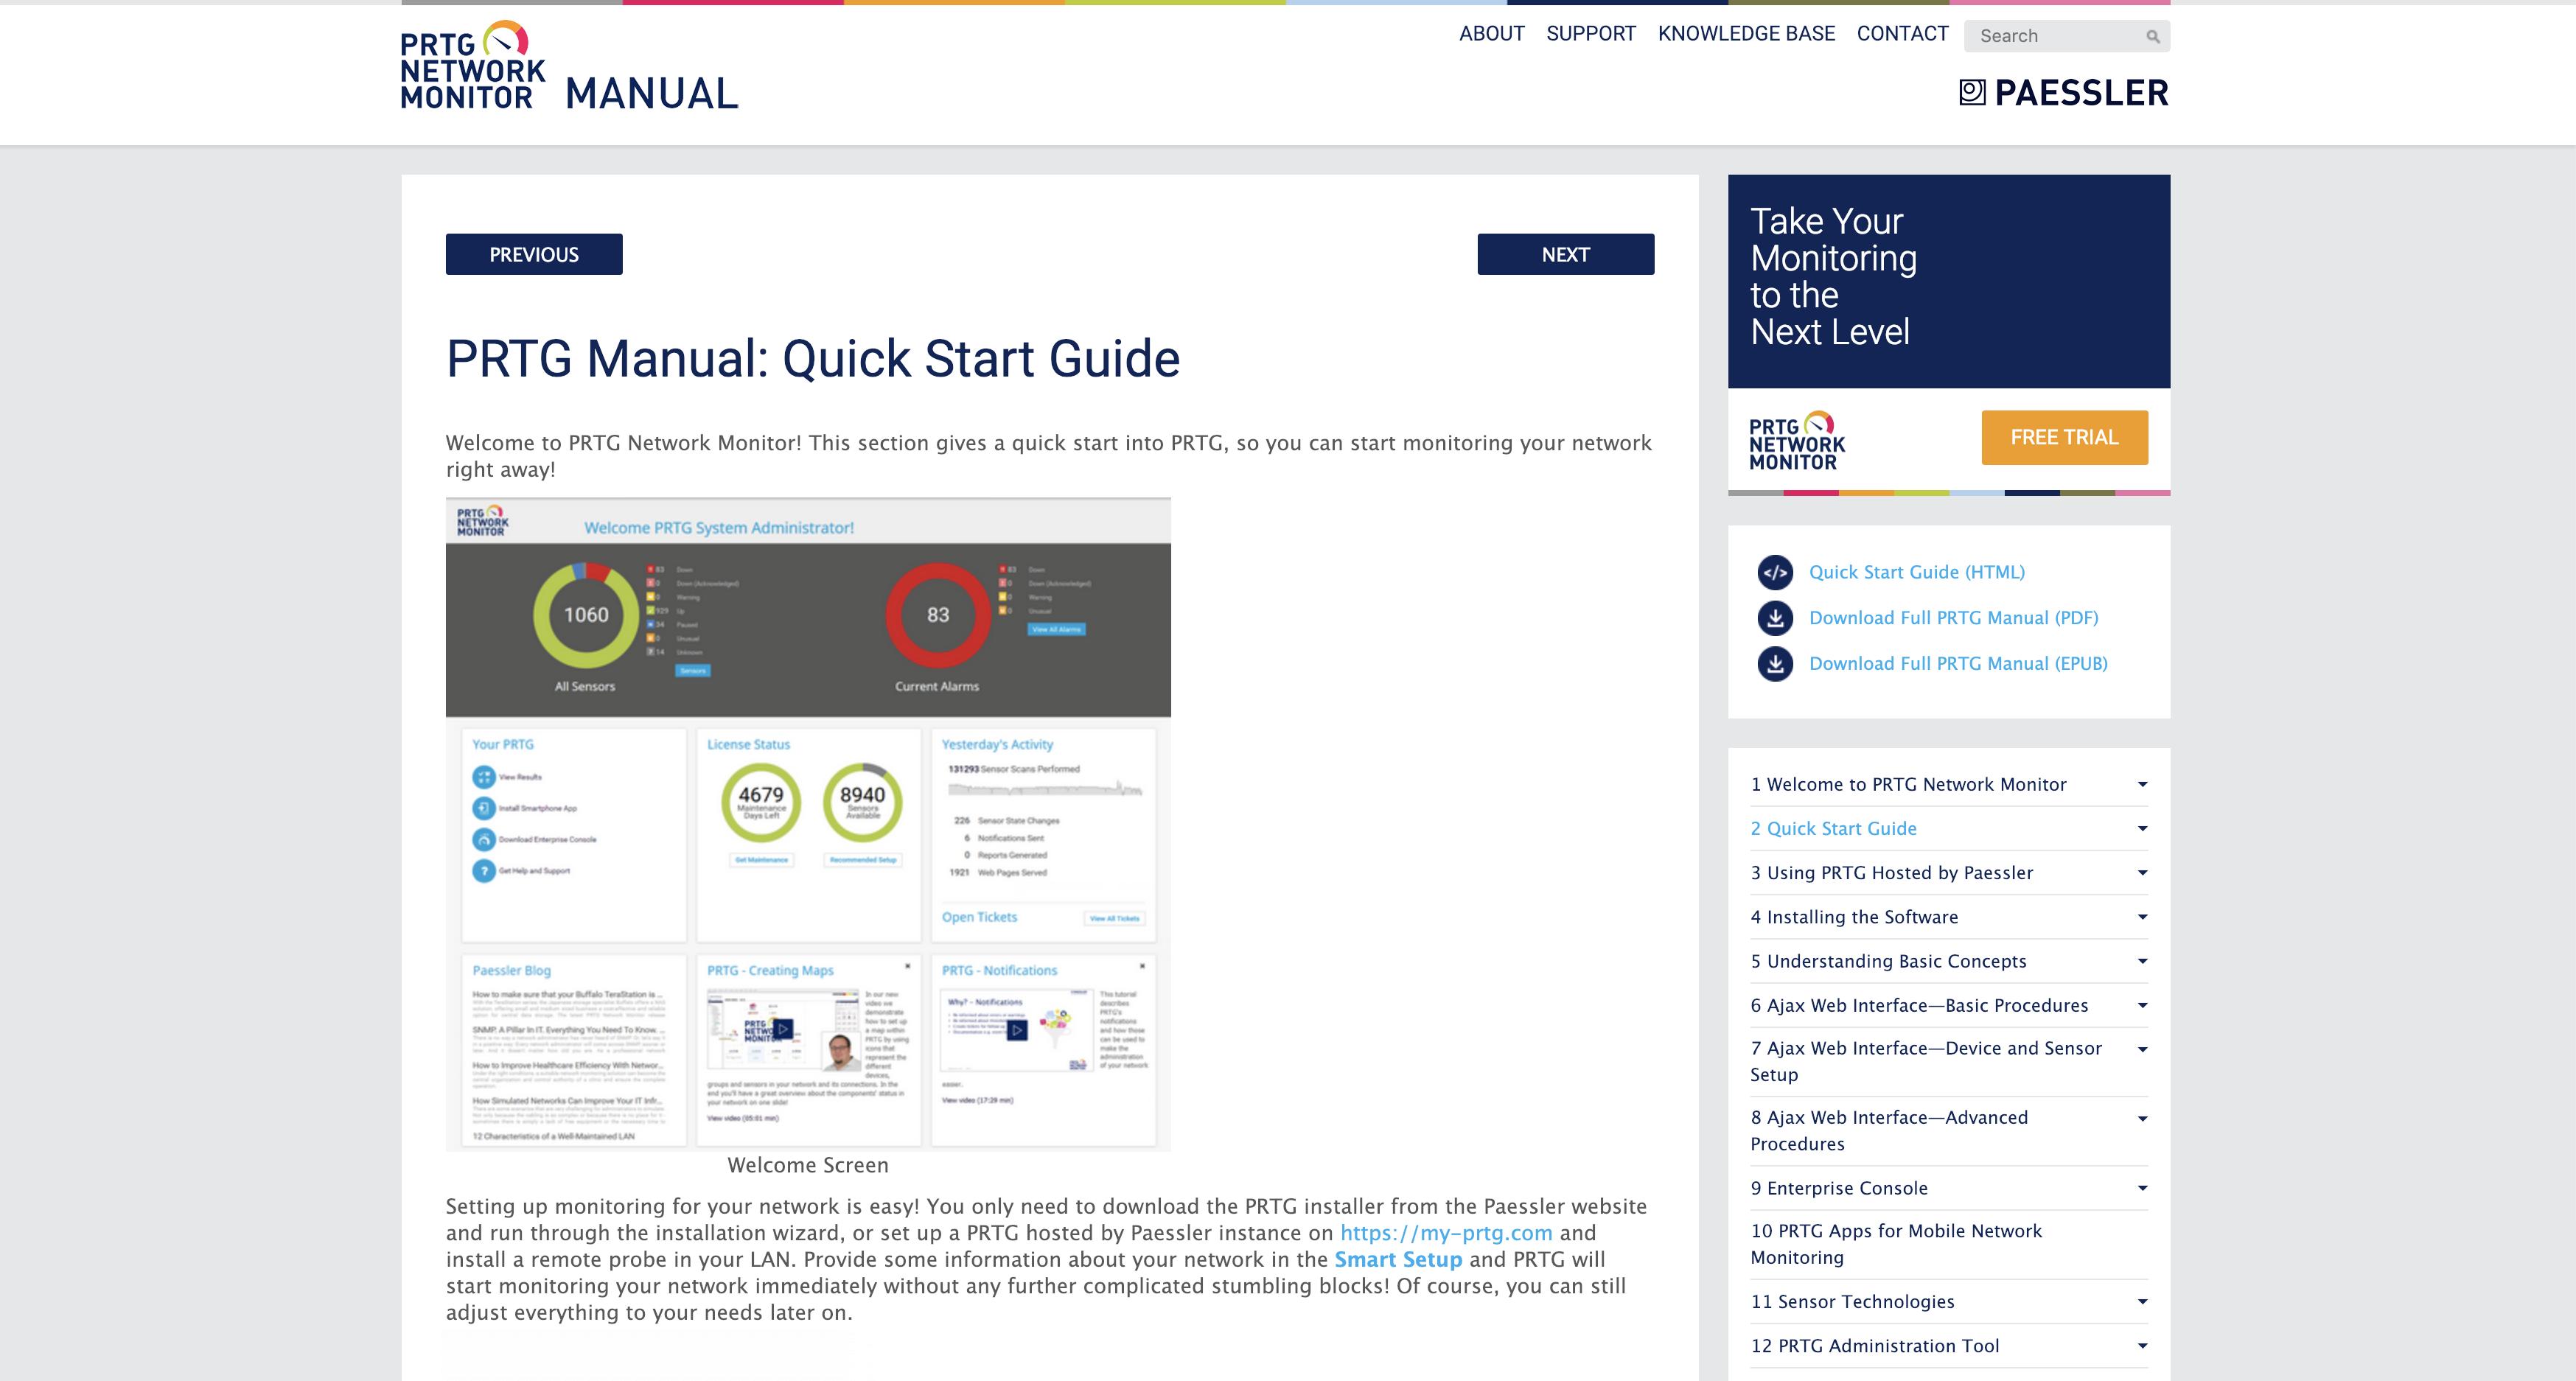 The PRTG Manual